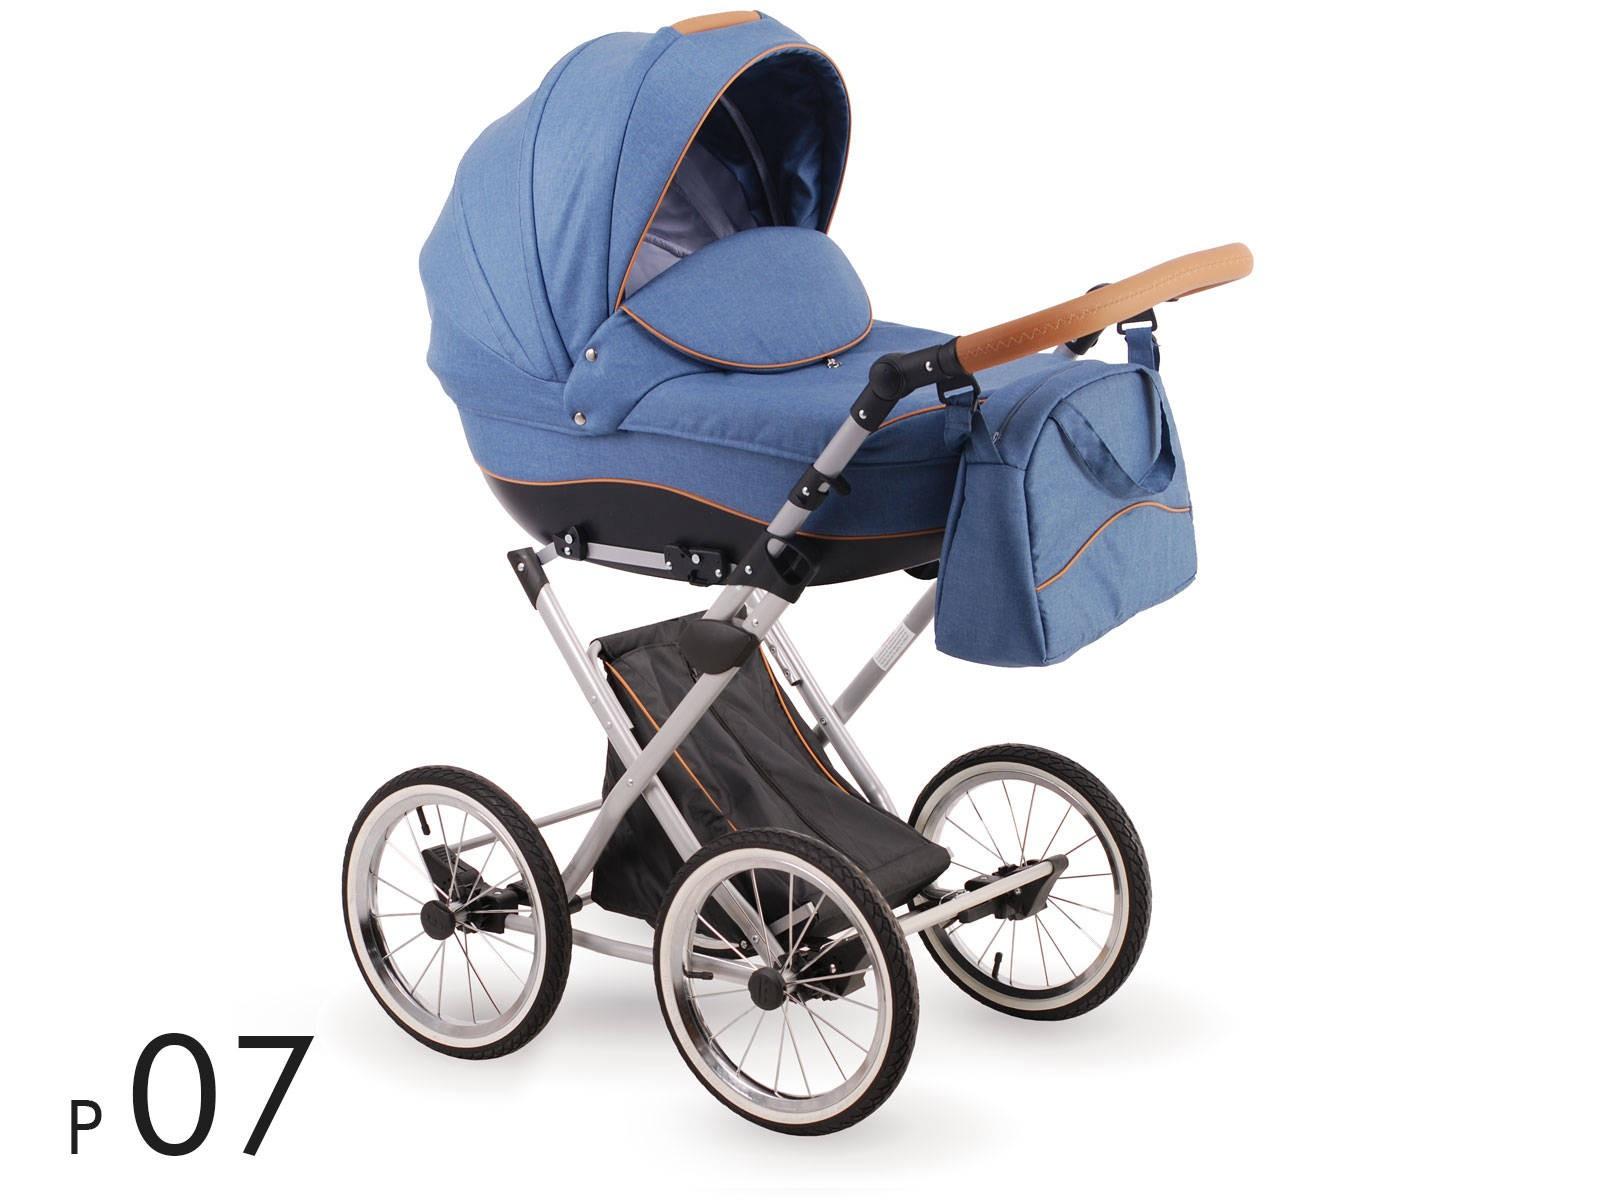 wózek dziecięcy wielofunkcyjny Lonex Parrilla